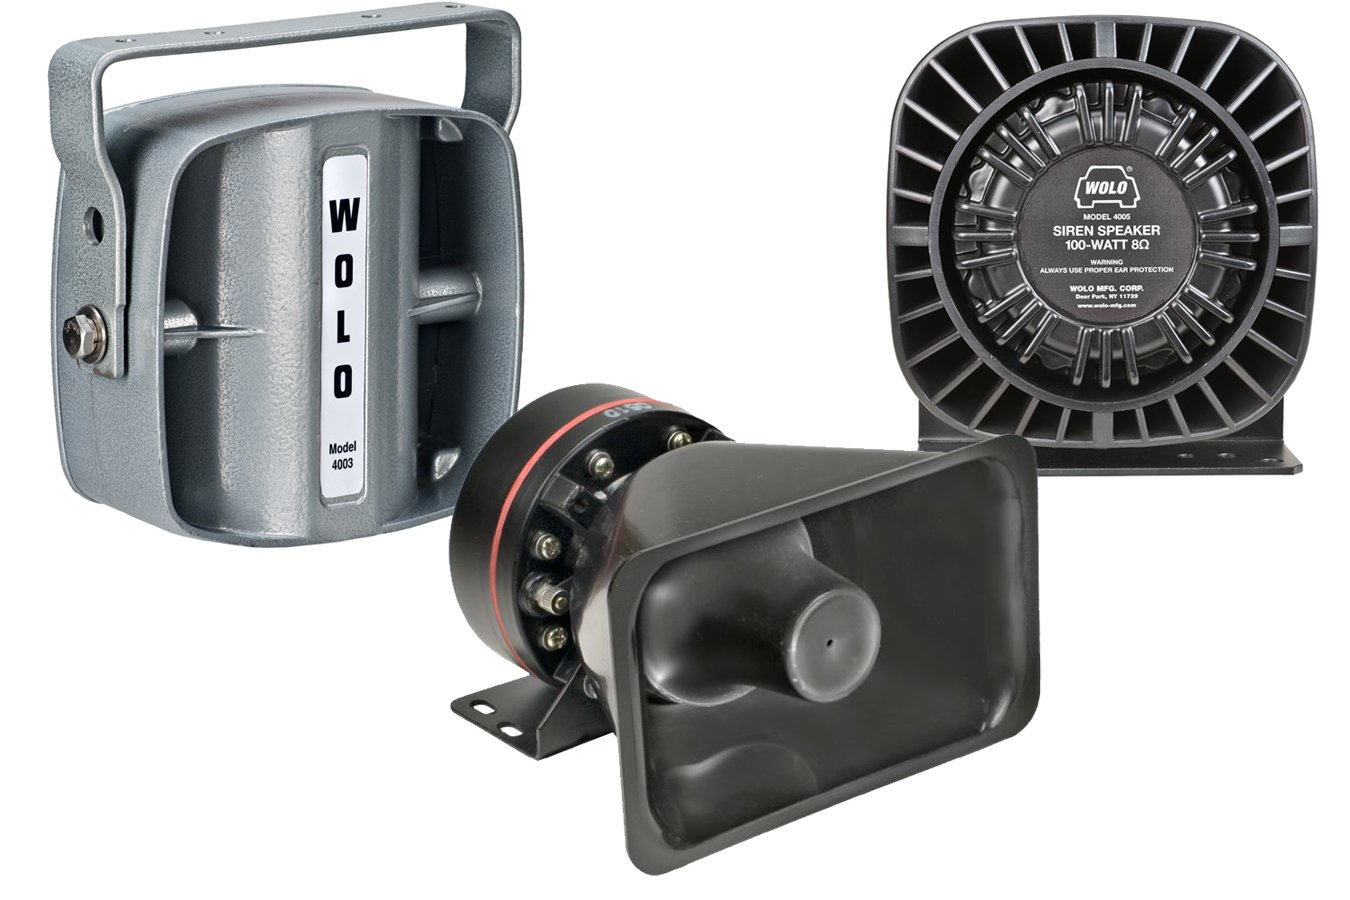 Wolo 4003 100 Watt Siren Speaker